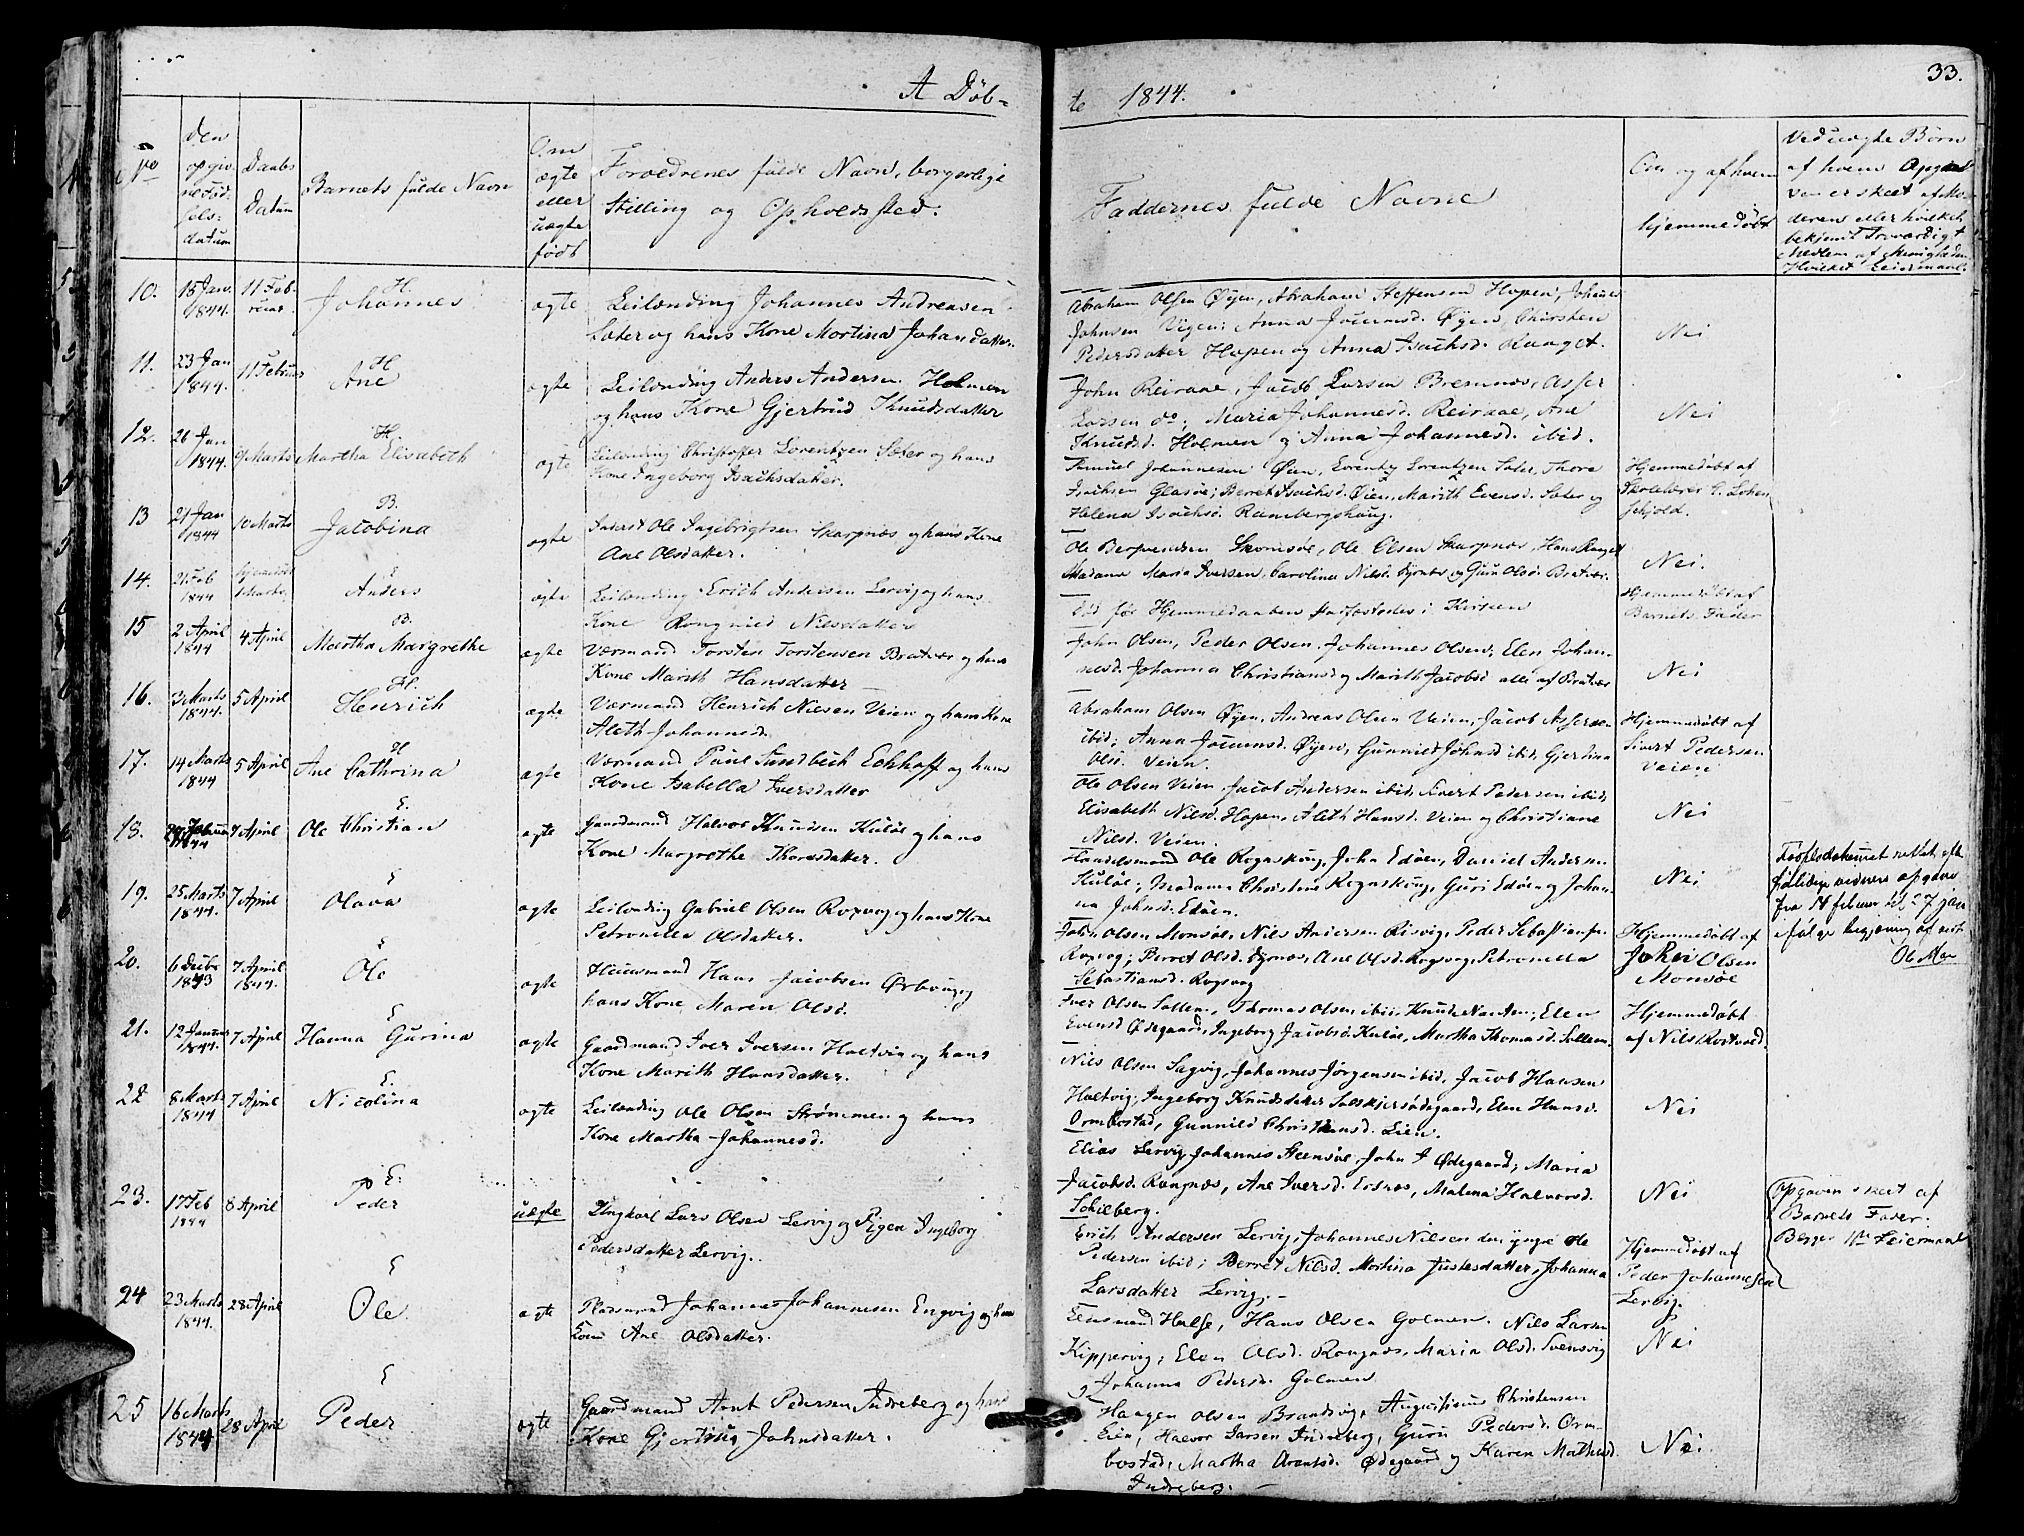 SAT, Ministerialprotokoller, klokkerbøker og fødselsregistre - Møre og Romsdal, 581/L0936: Ministerialbok nr. 581A04, 1836-1852, s. 33